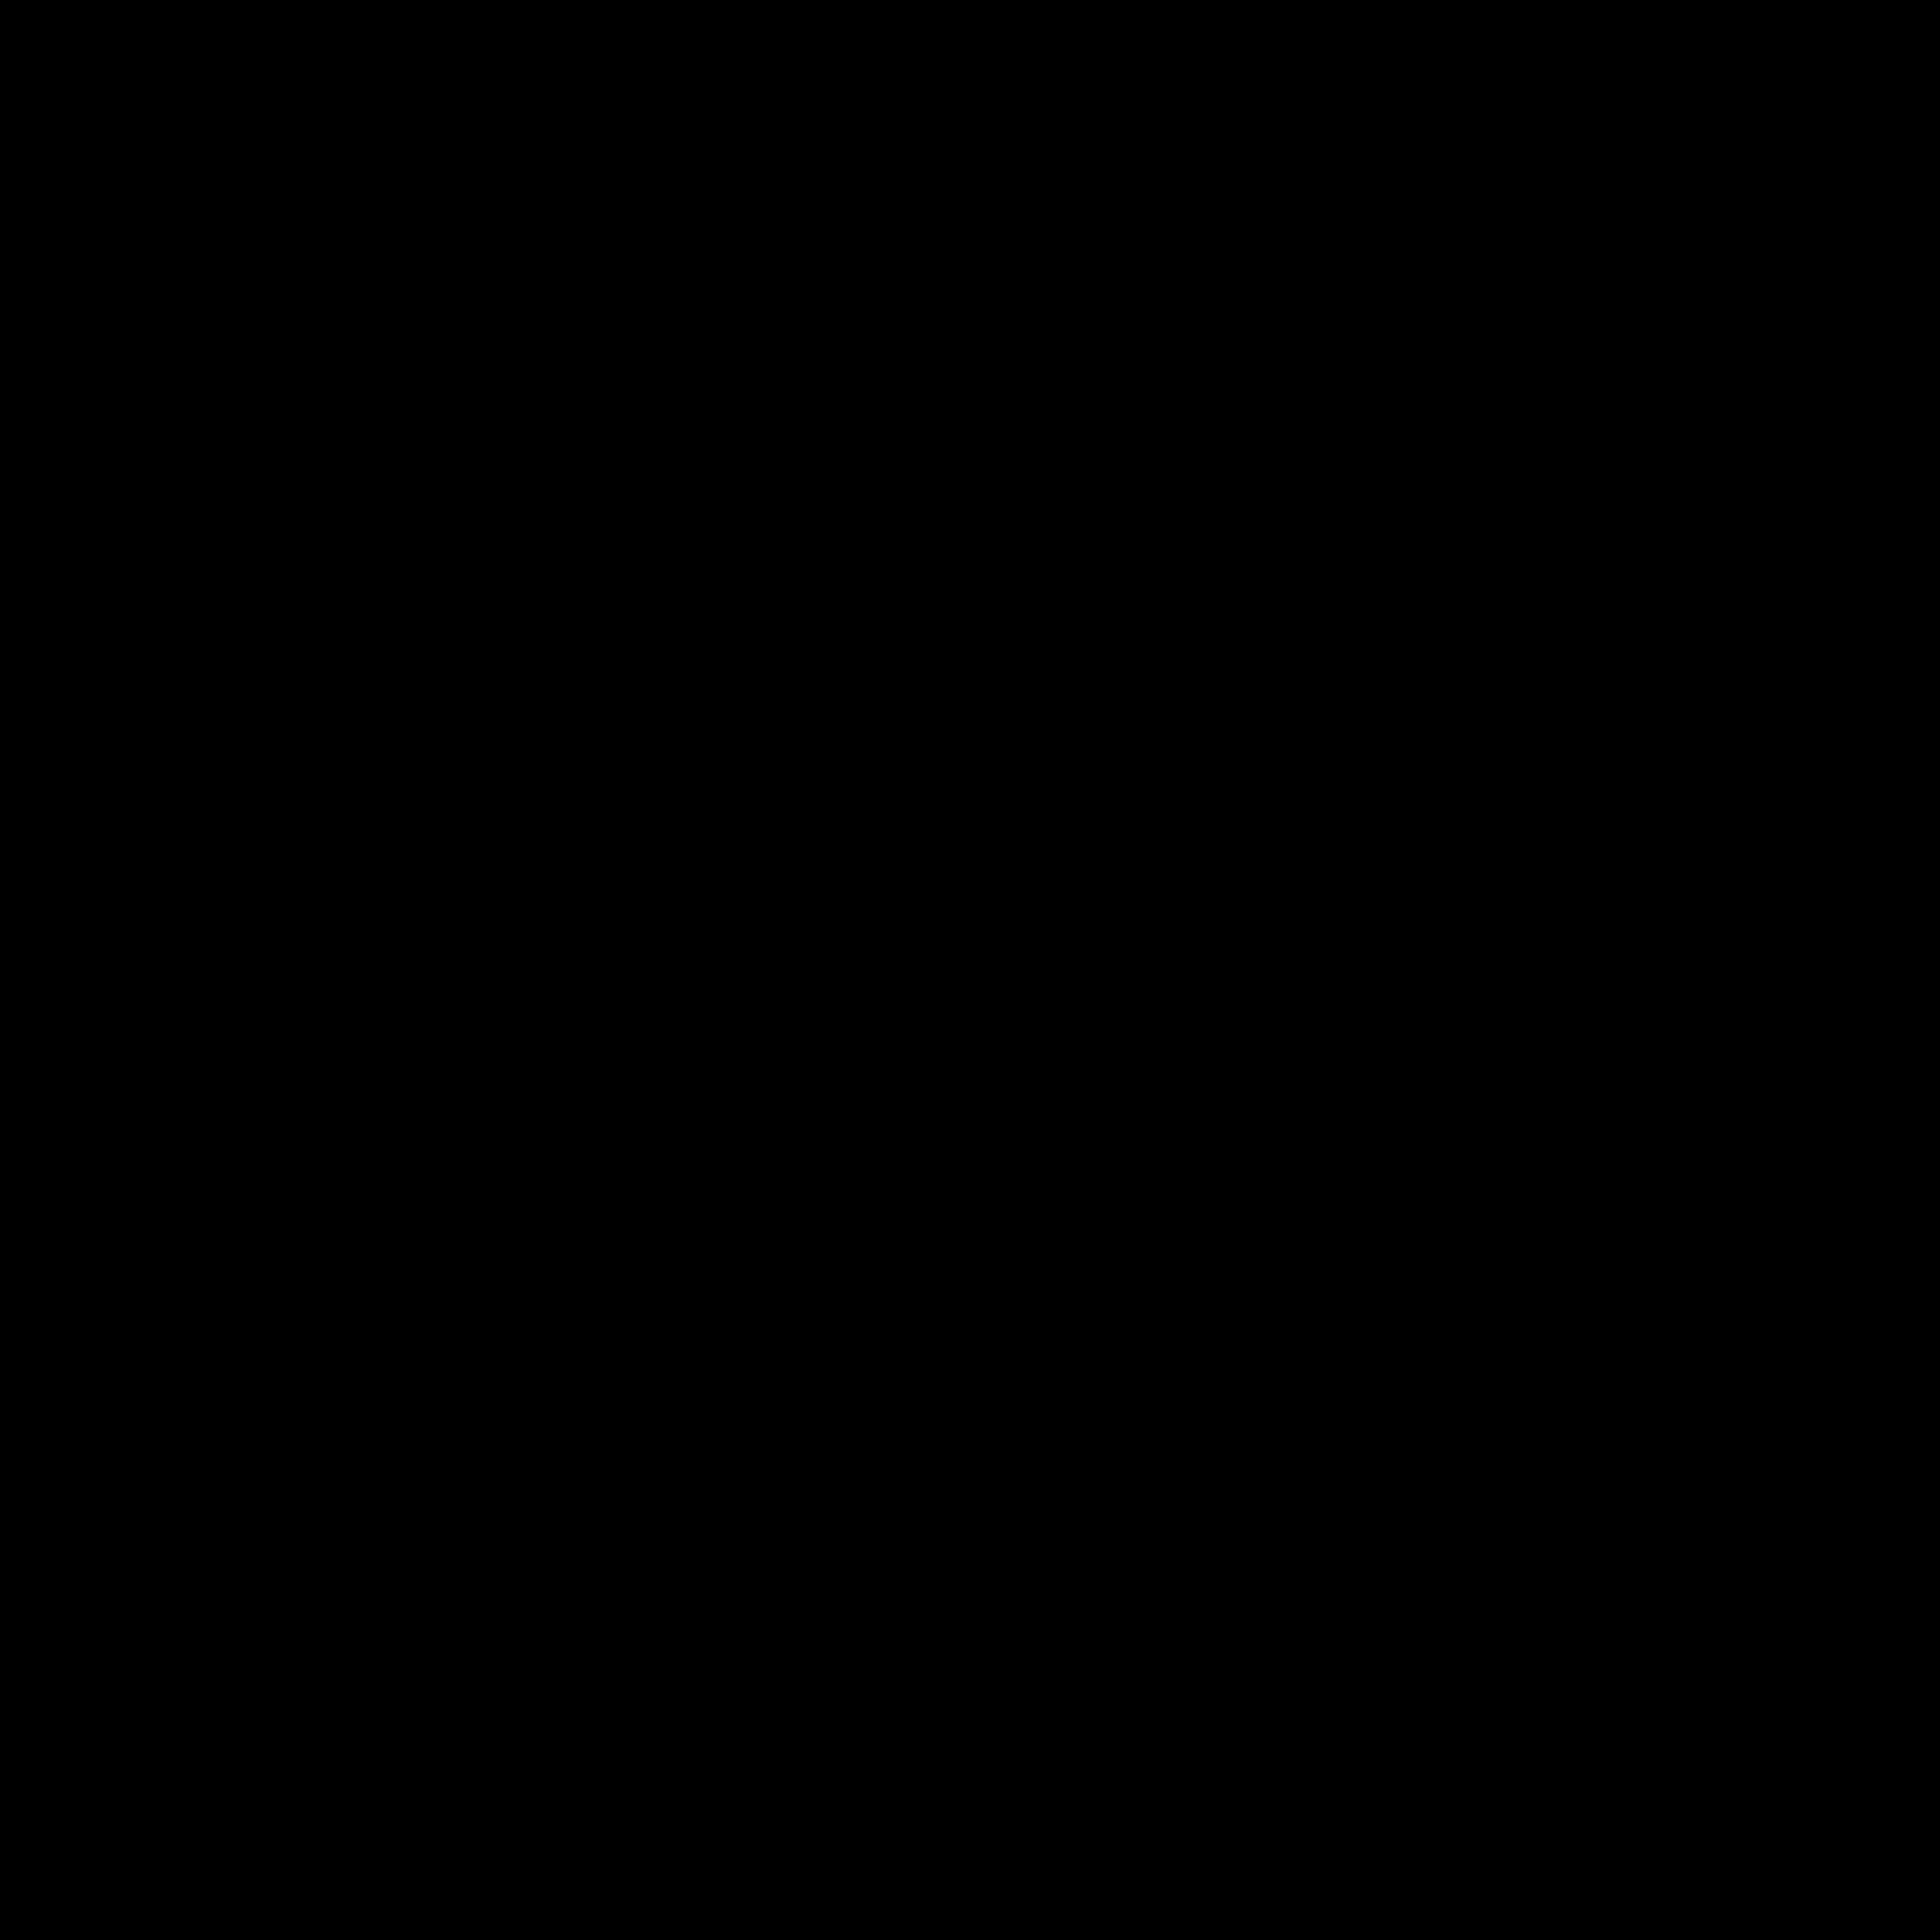 KM-Logocopy01-1.png